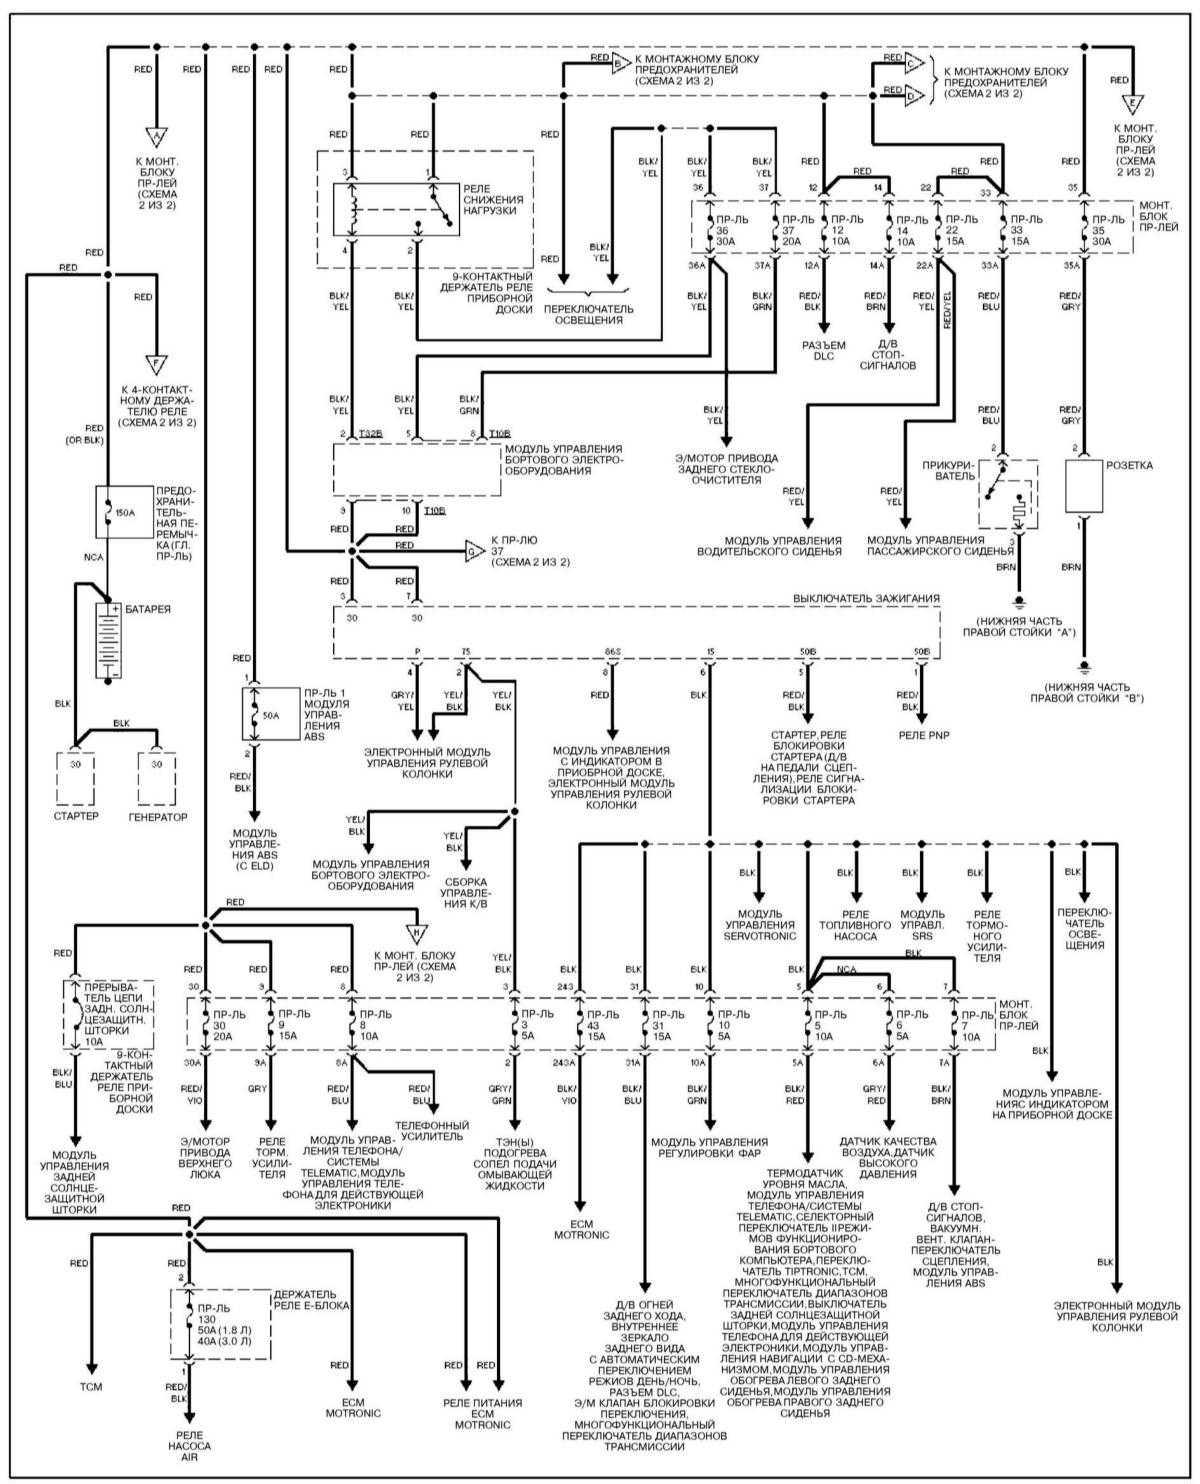 схема питания стеклоочистителя киа спортейдж 1993